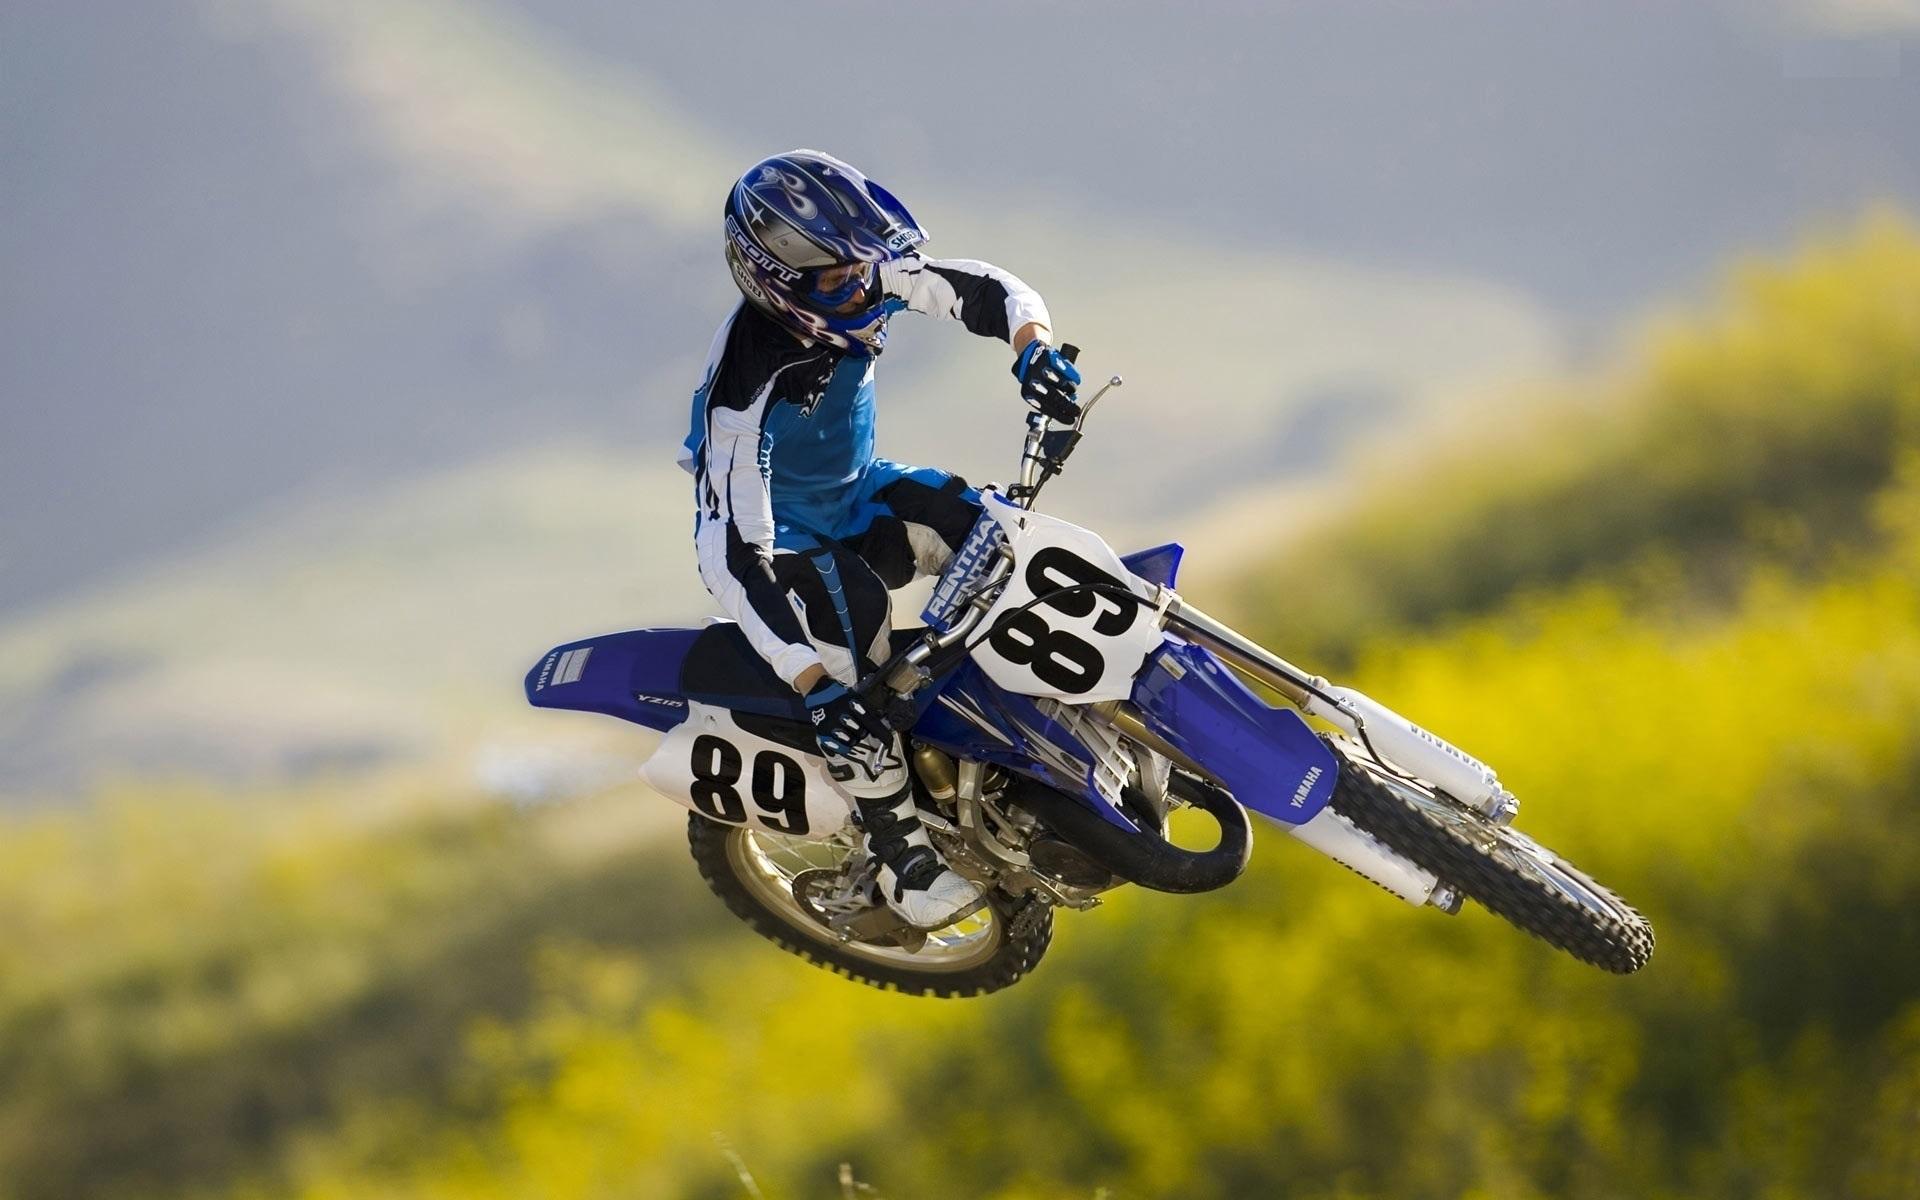 Yamaha Tesseract Bikes Photos